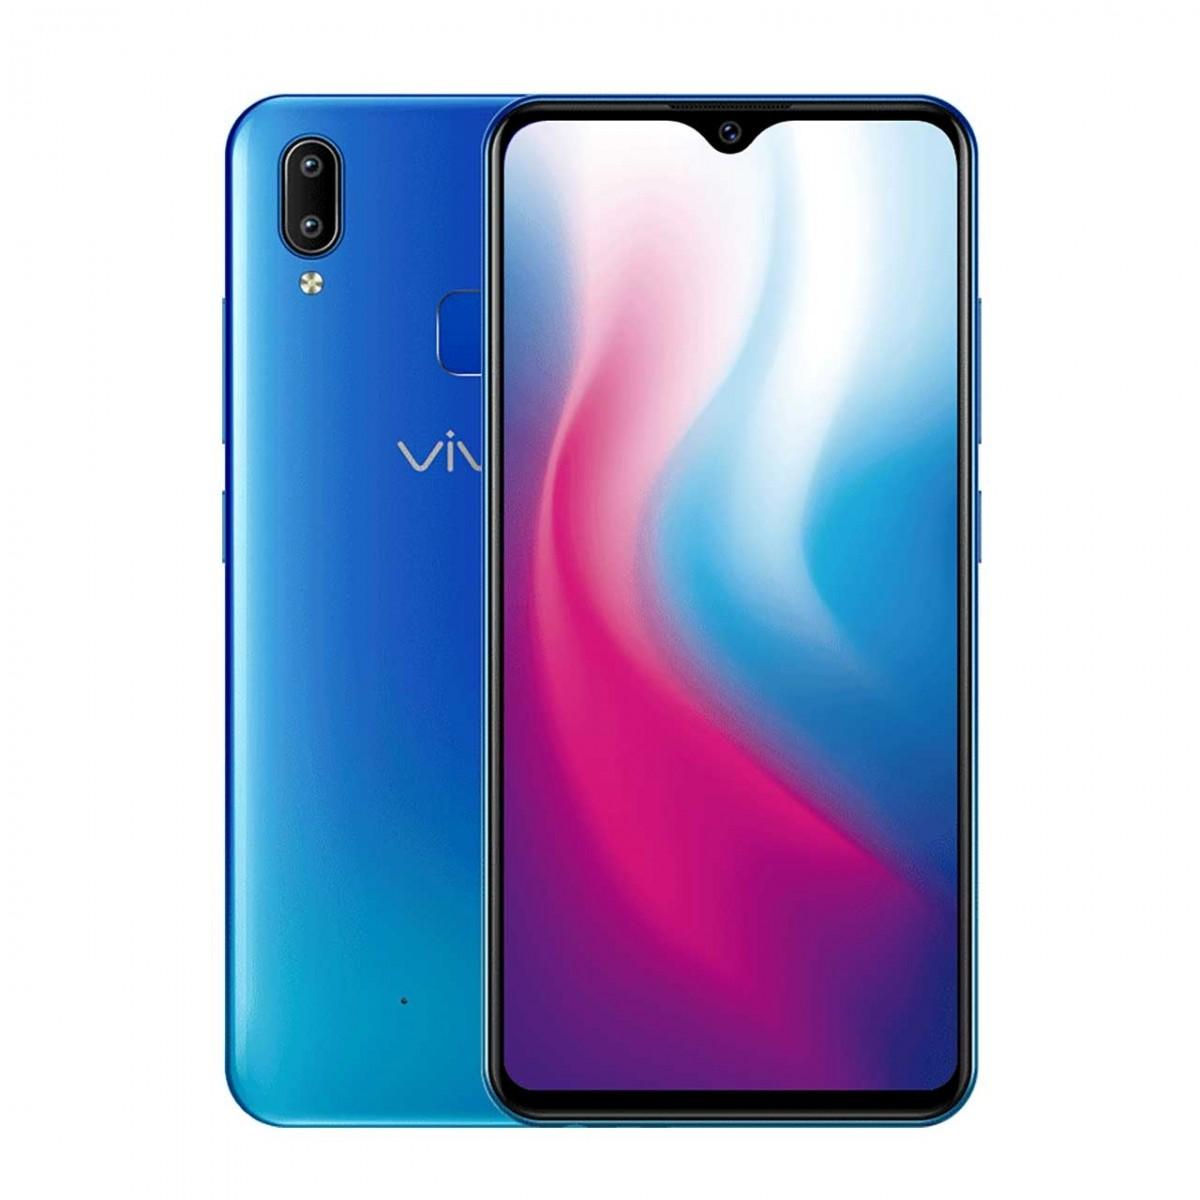 Анонс смартфона Vivo Y91: 3ГБ ОЗУ и оригинальная расцветка - изображение